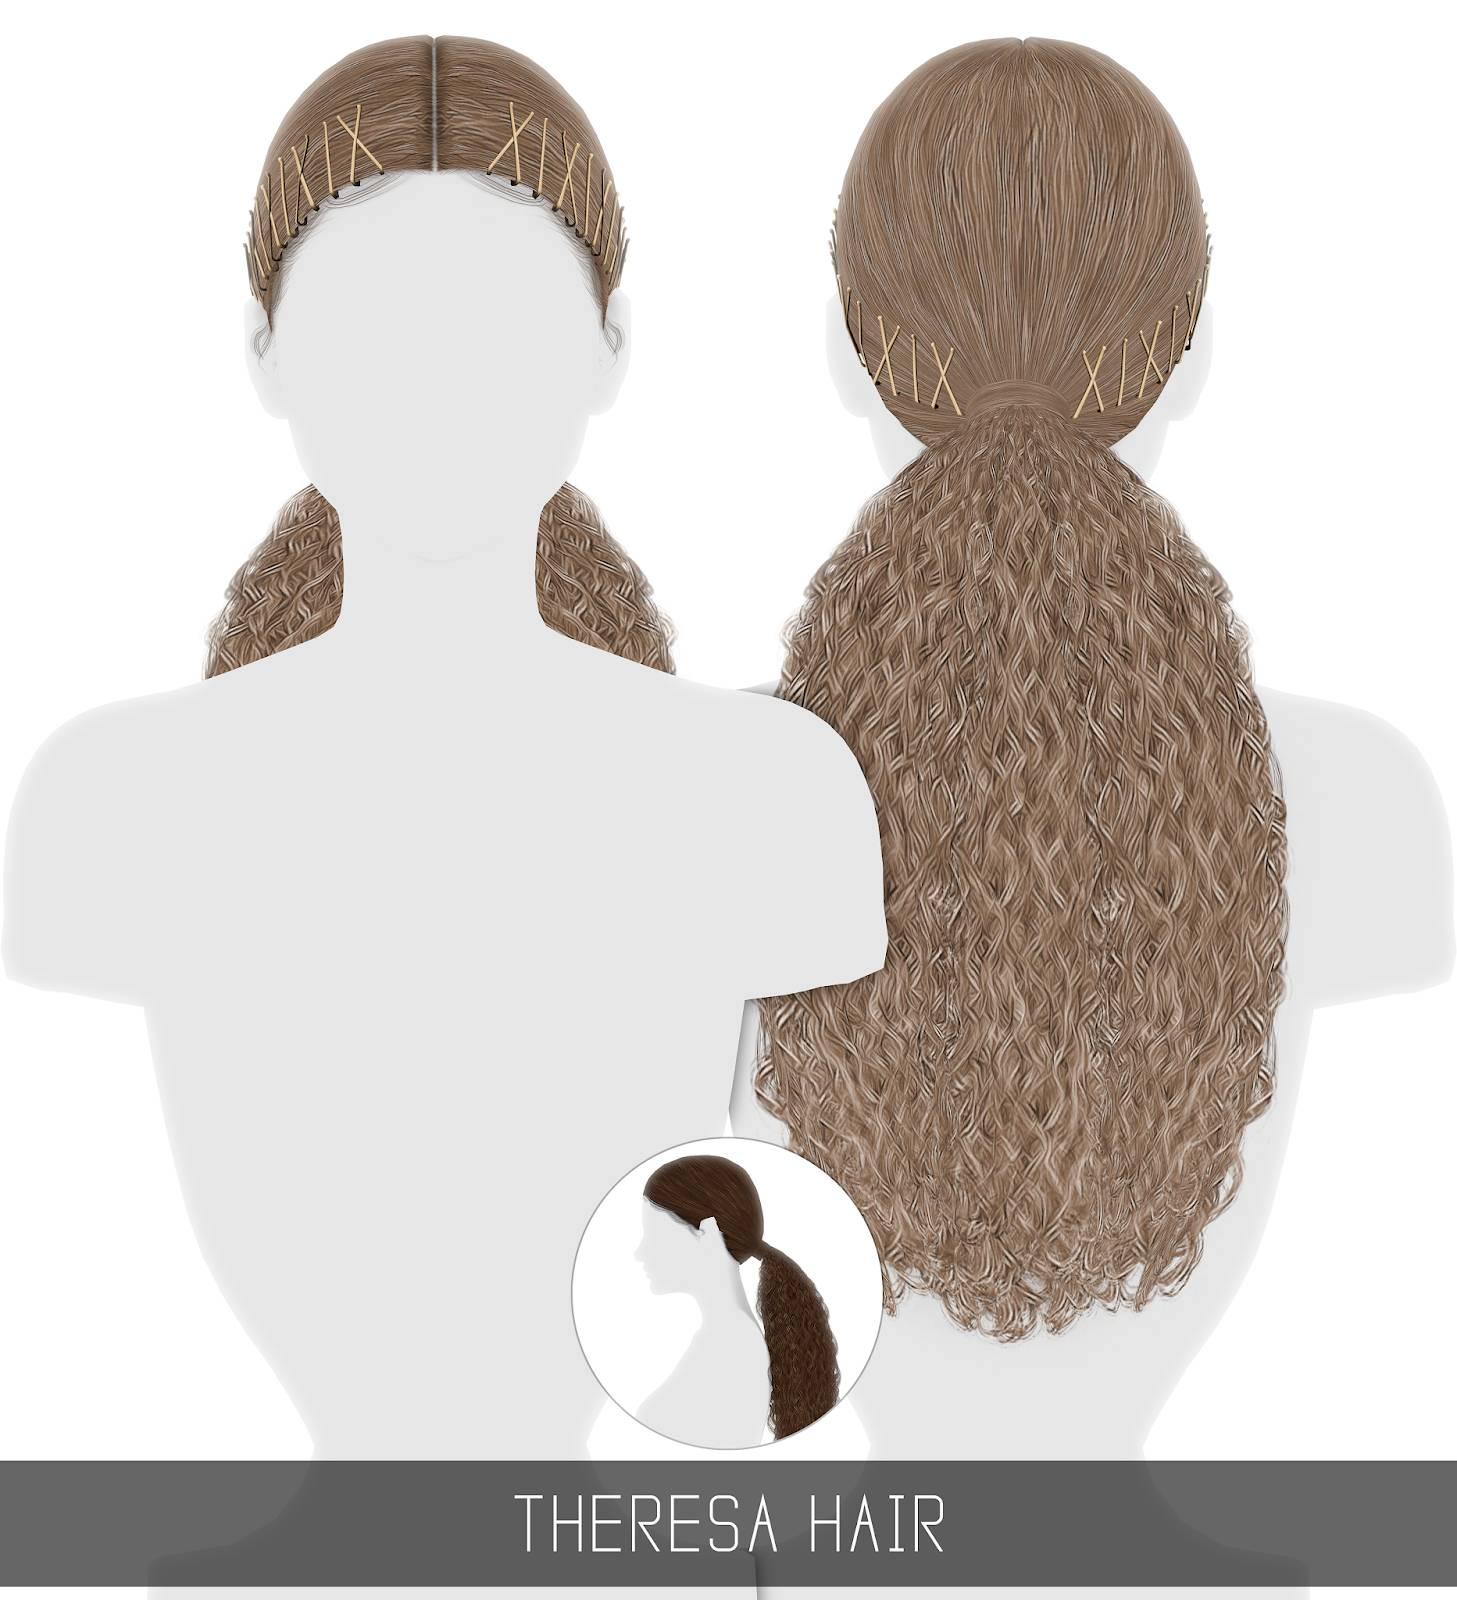 Женская прическа - THERESA HAIR